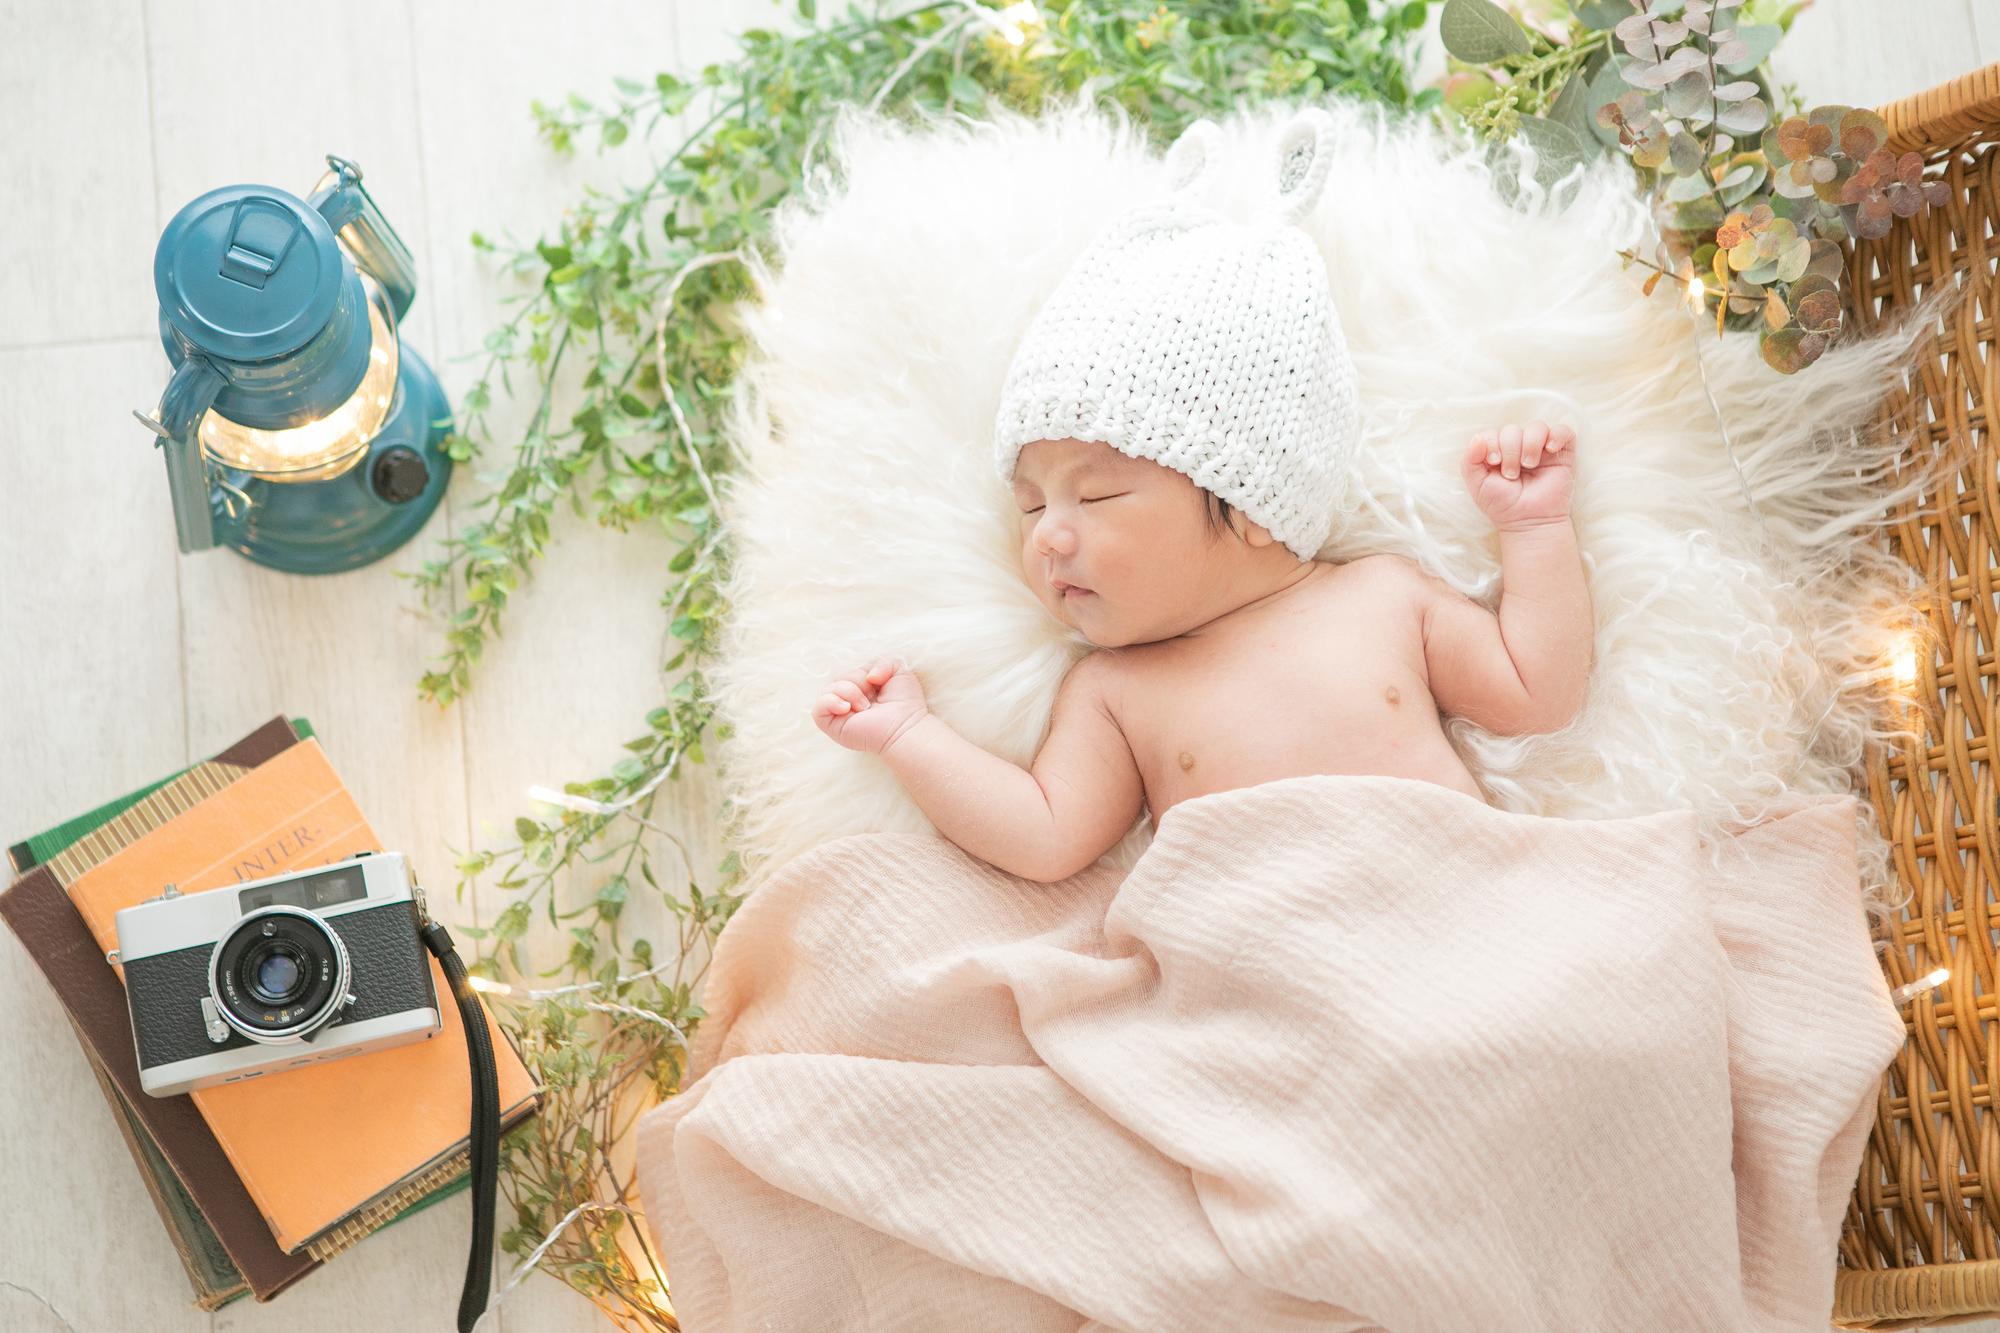 黄疸 いつまで 新生児